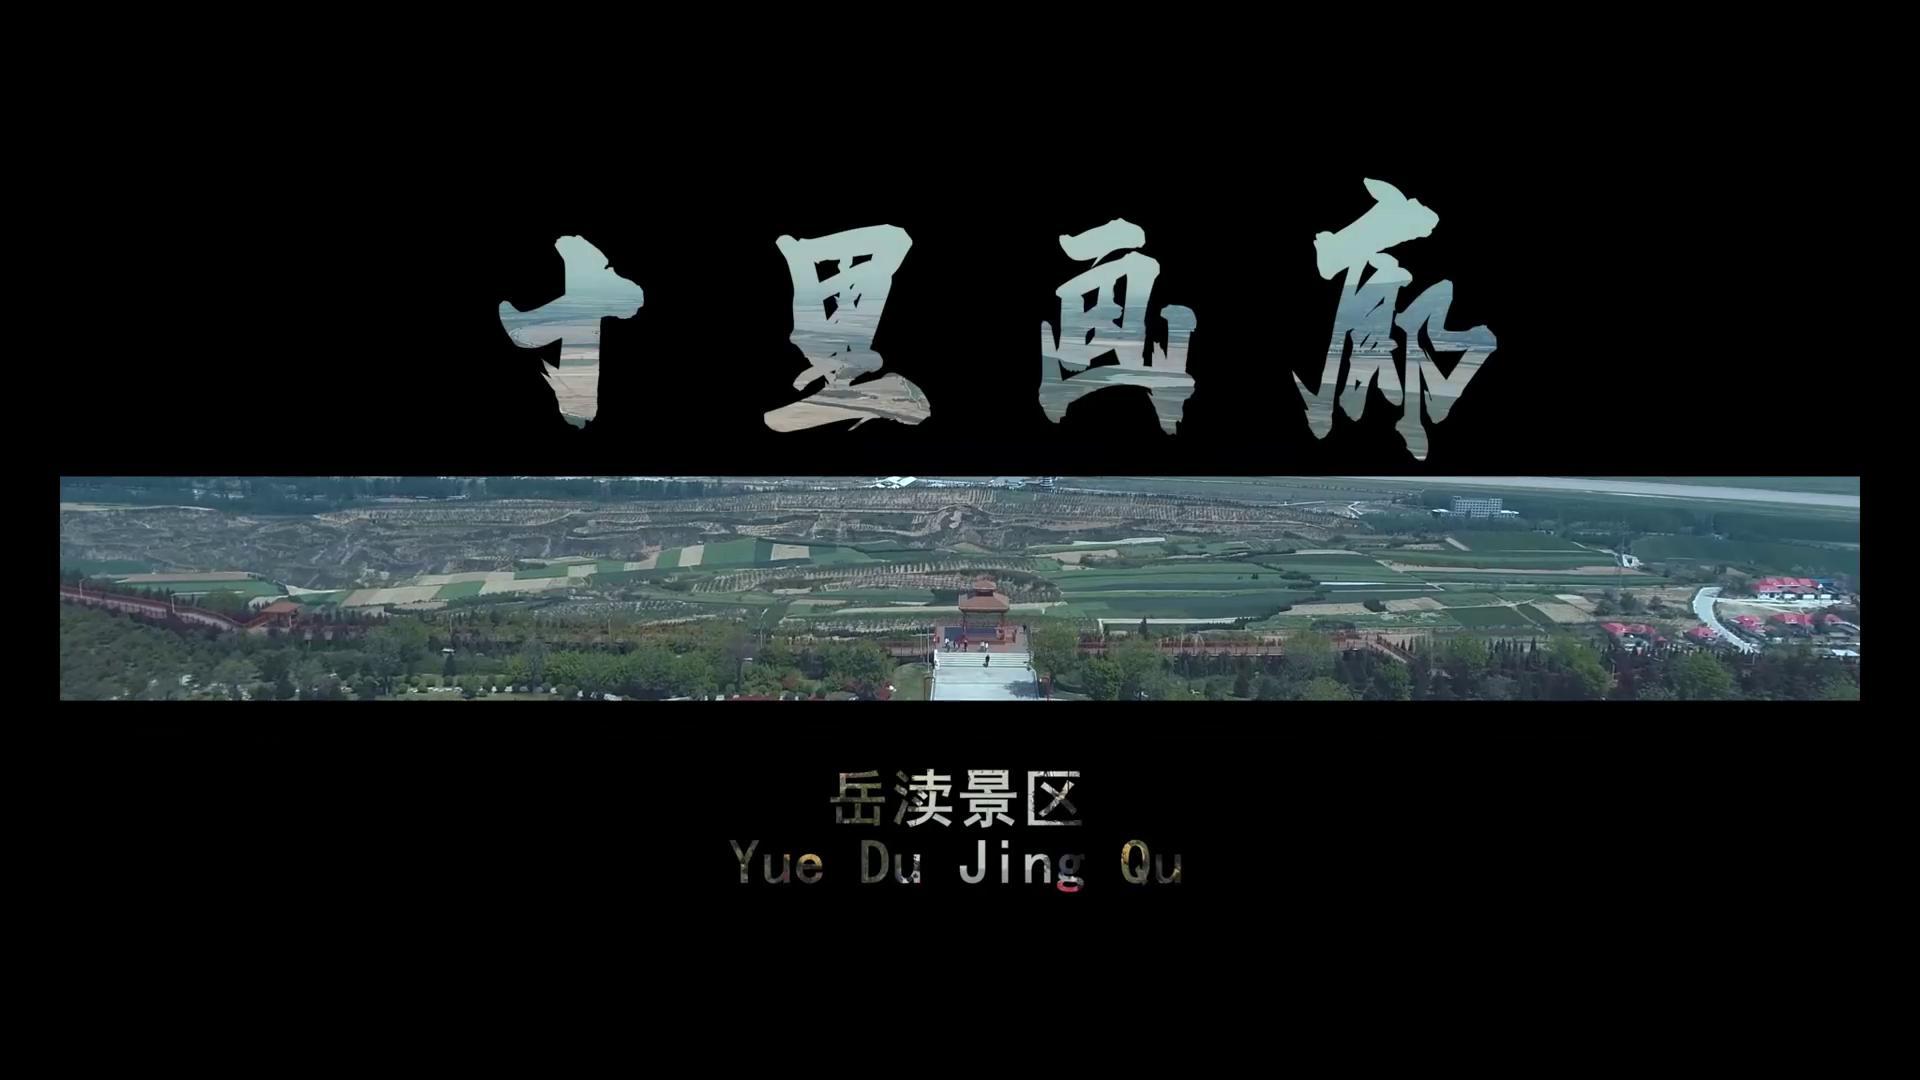 潼關縣委宣傳部:岳瀆景區